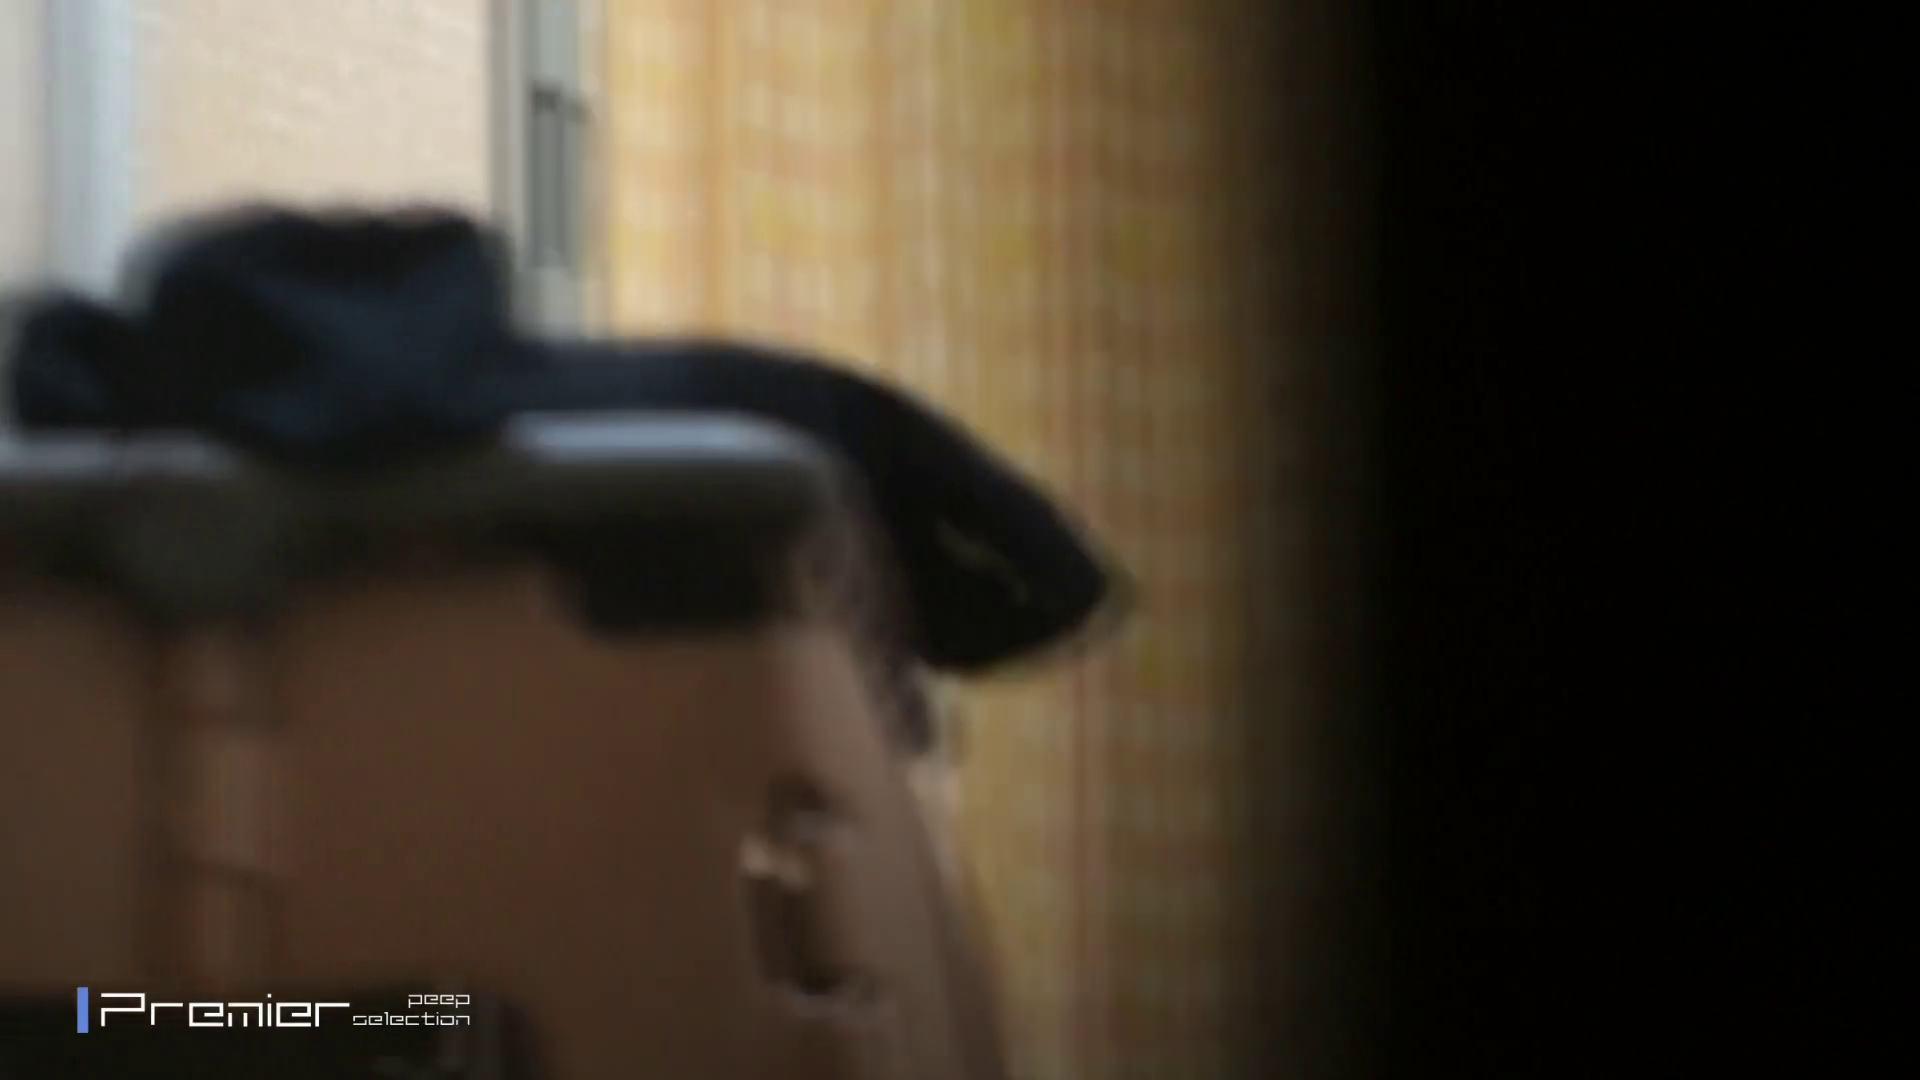 再生38分!マン毛剛毛超絶美女の私生活 美女達の私生活に潜入! 潜入エロ調査 | 高画質  78連発 11